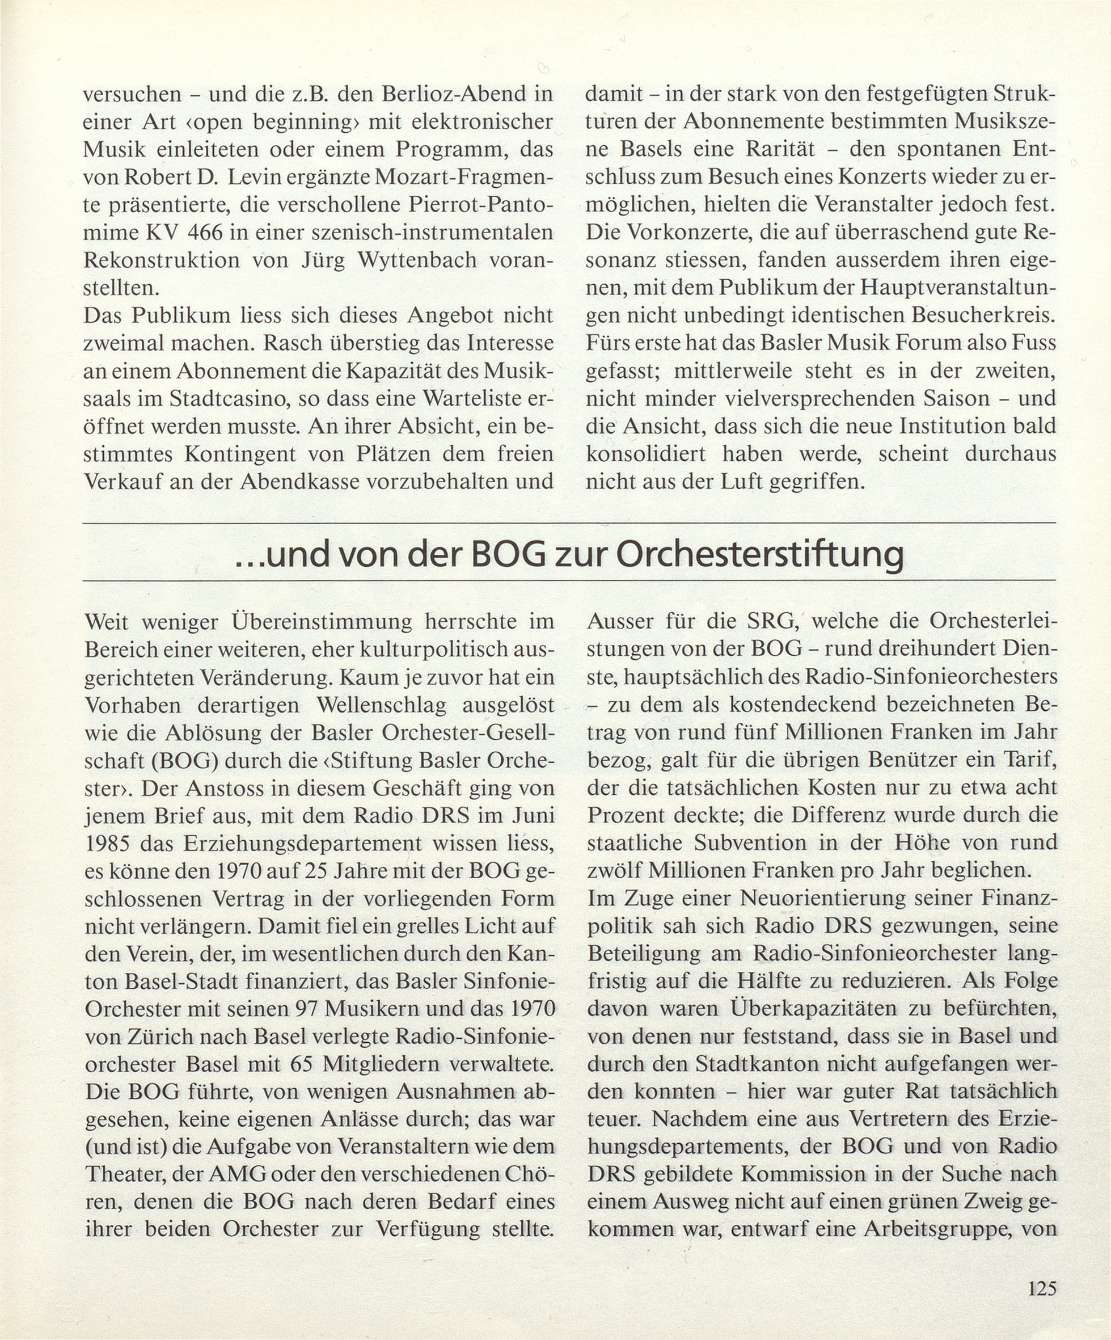 Erfreut Frei Farbig Bedruckbare Seiten Galerie - Entry Level Resume ...